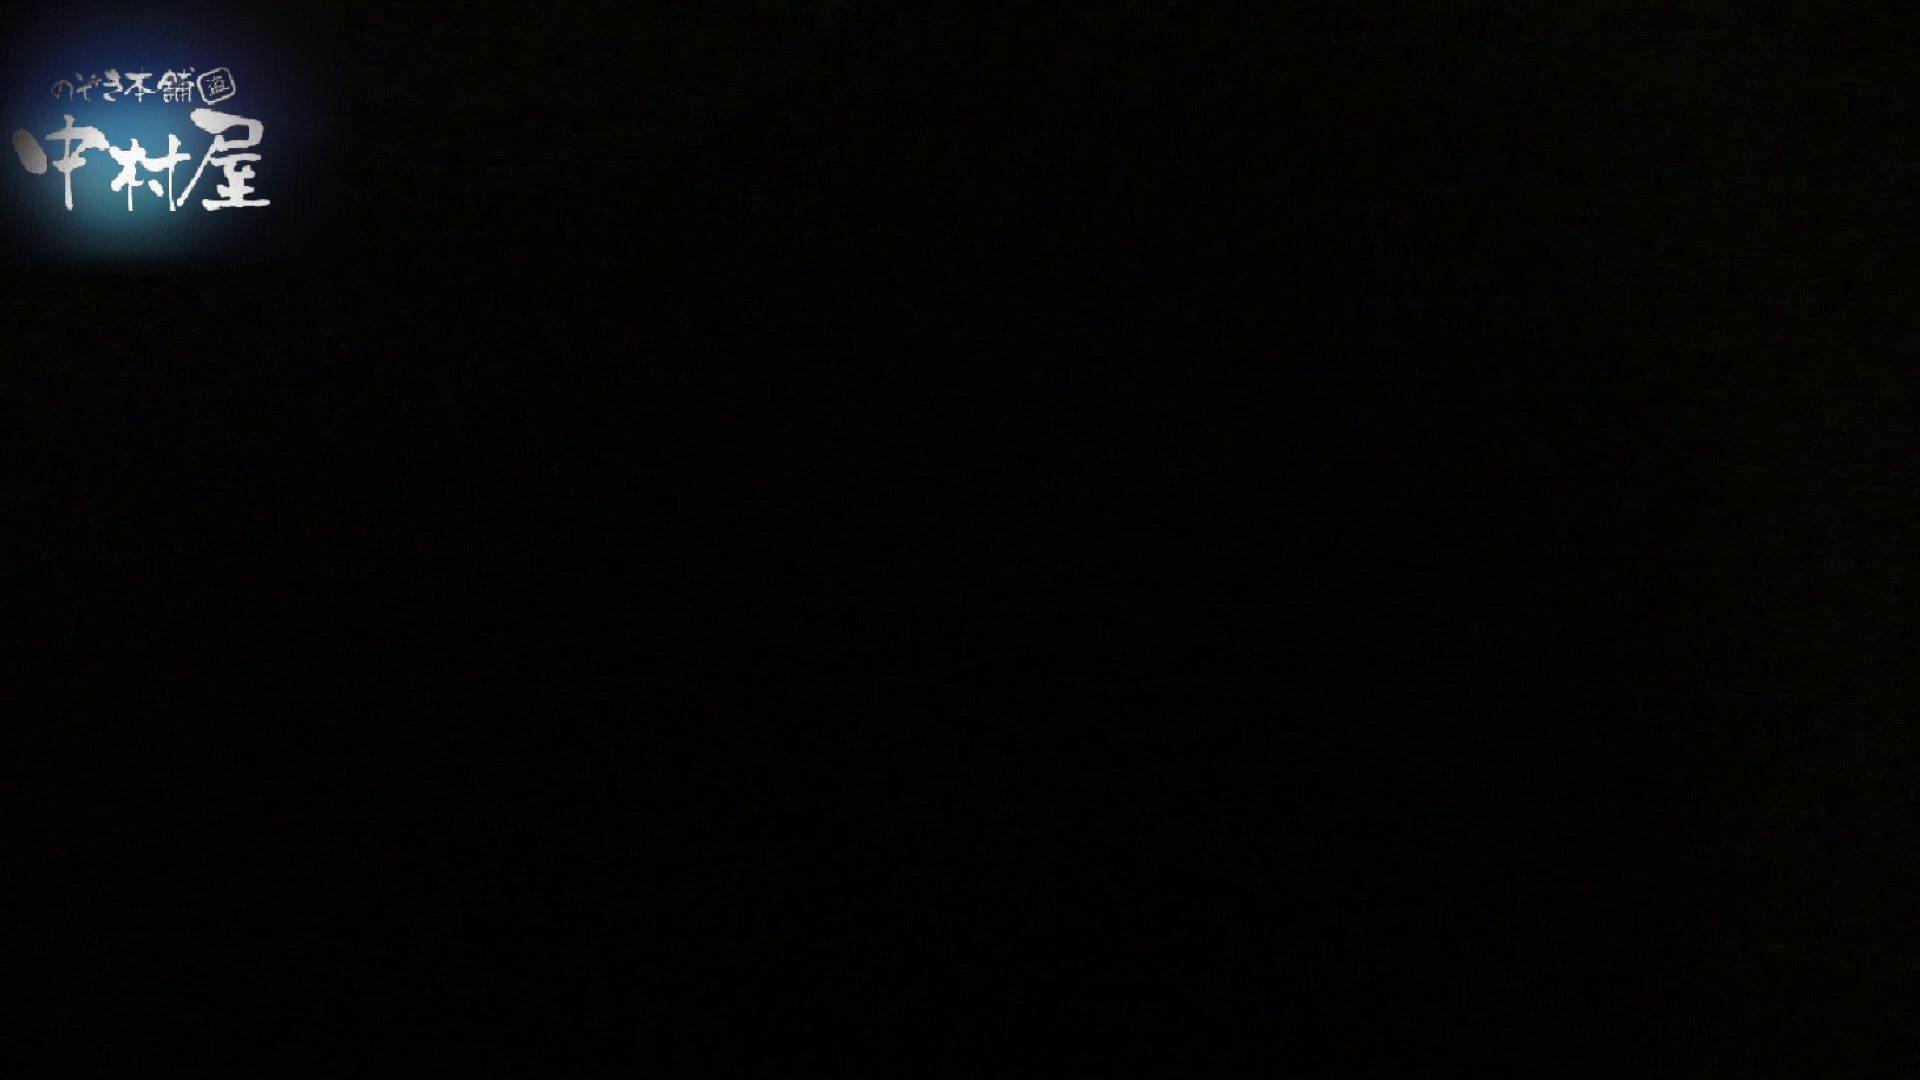 乙女集まる!ショッピングモール潜入撮vol.06 潜入 オマンコ無修正動画無料 108連発 14